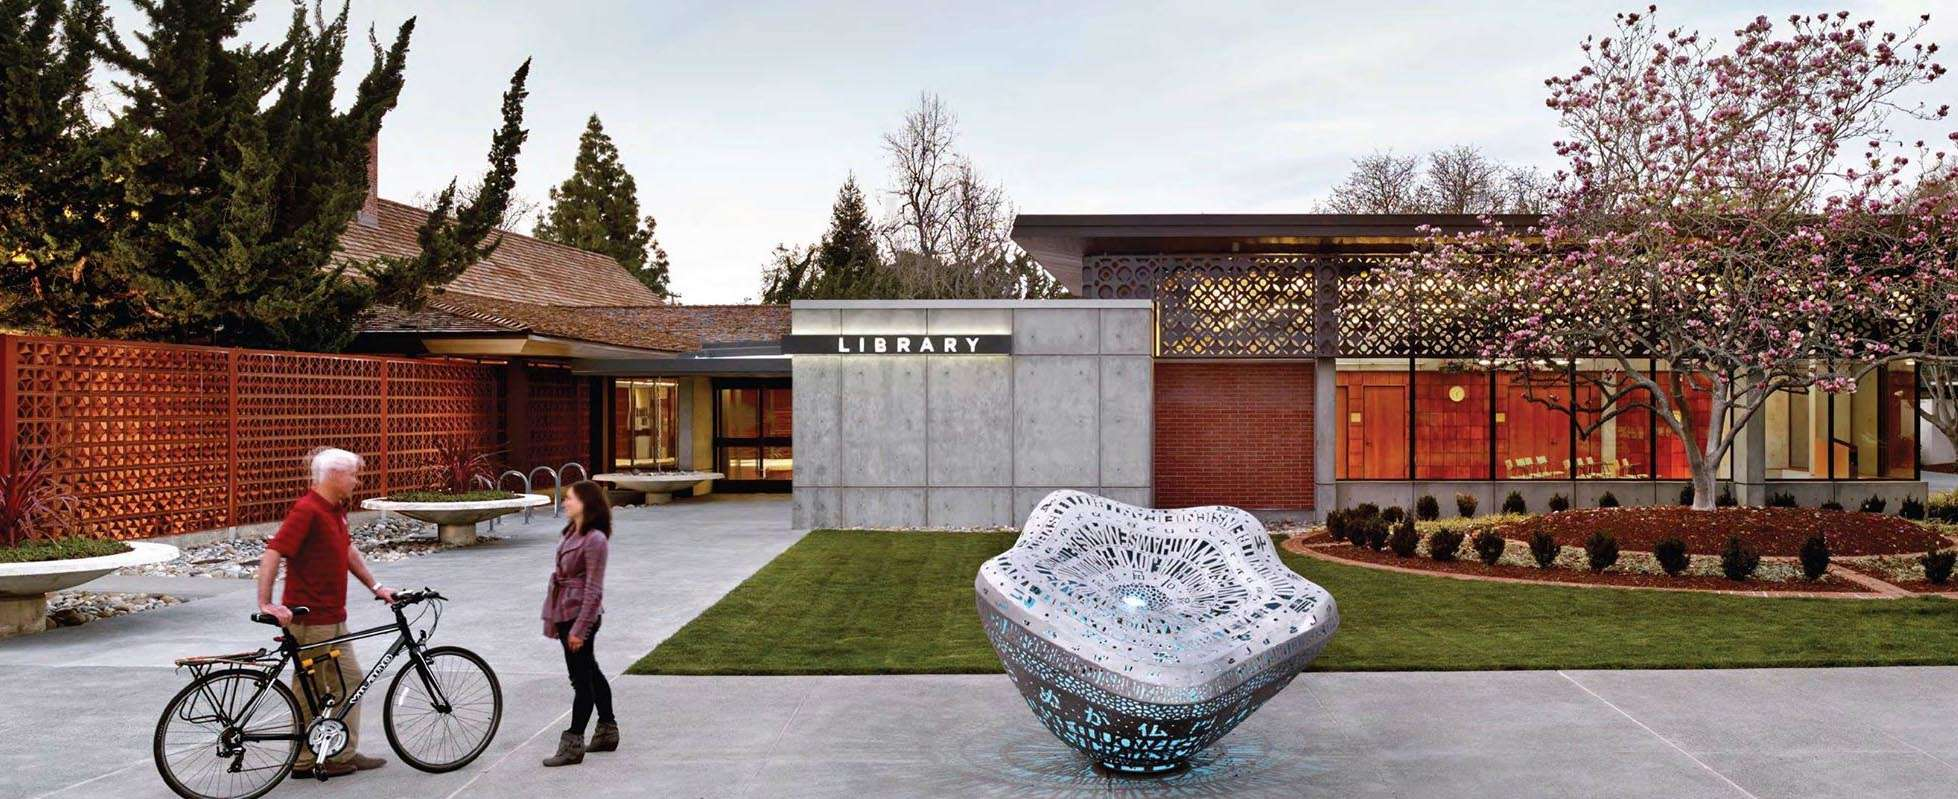 Palo Alto Rinconada Library Exterior